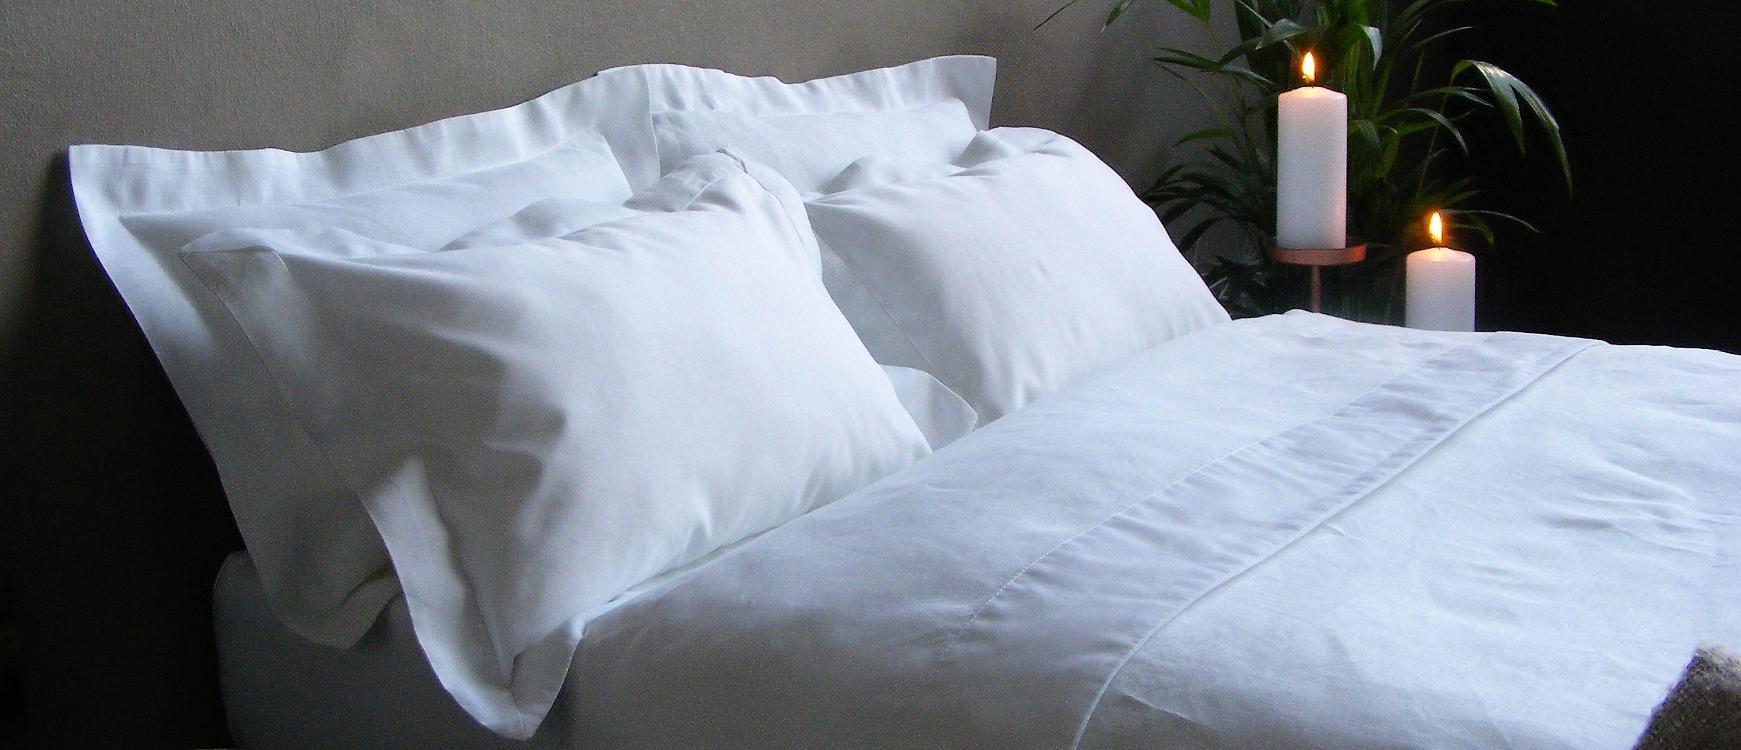 flax linen, true linen, linen bedding